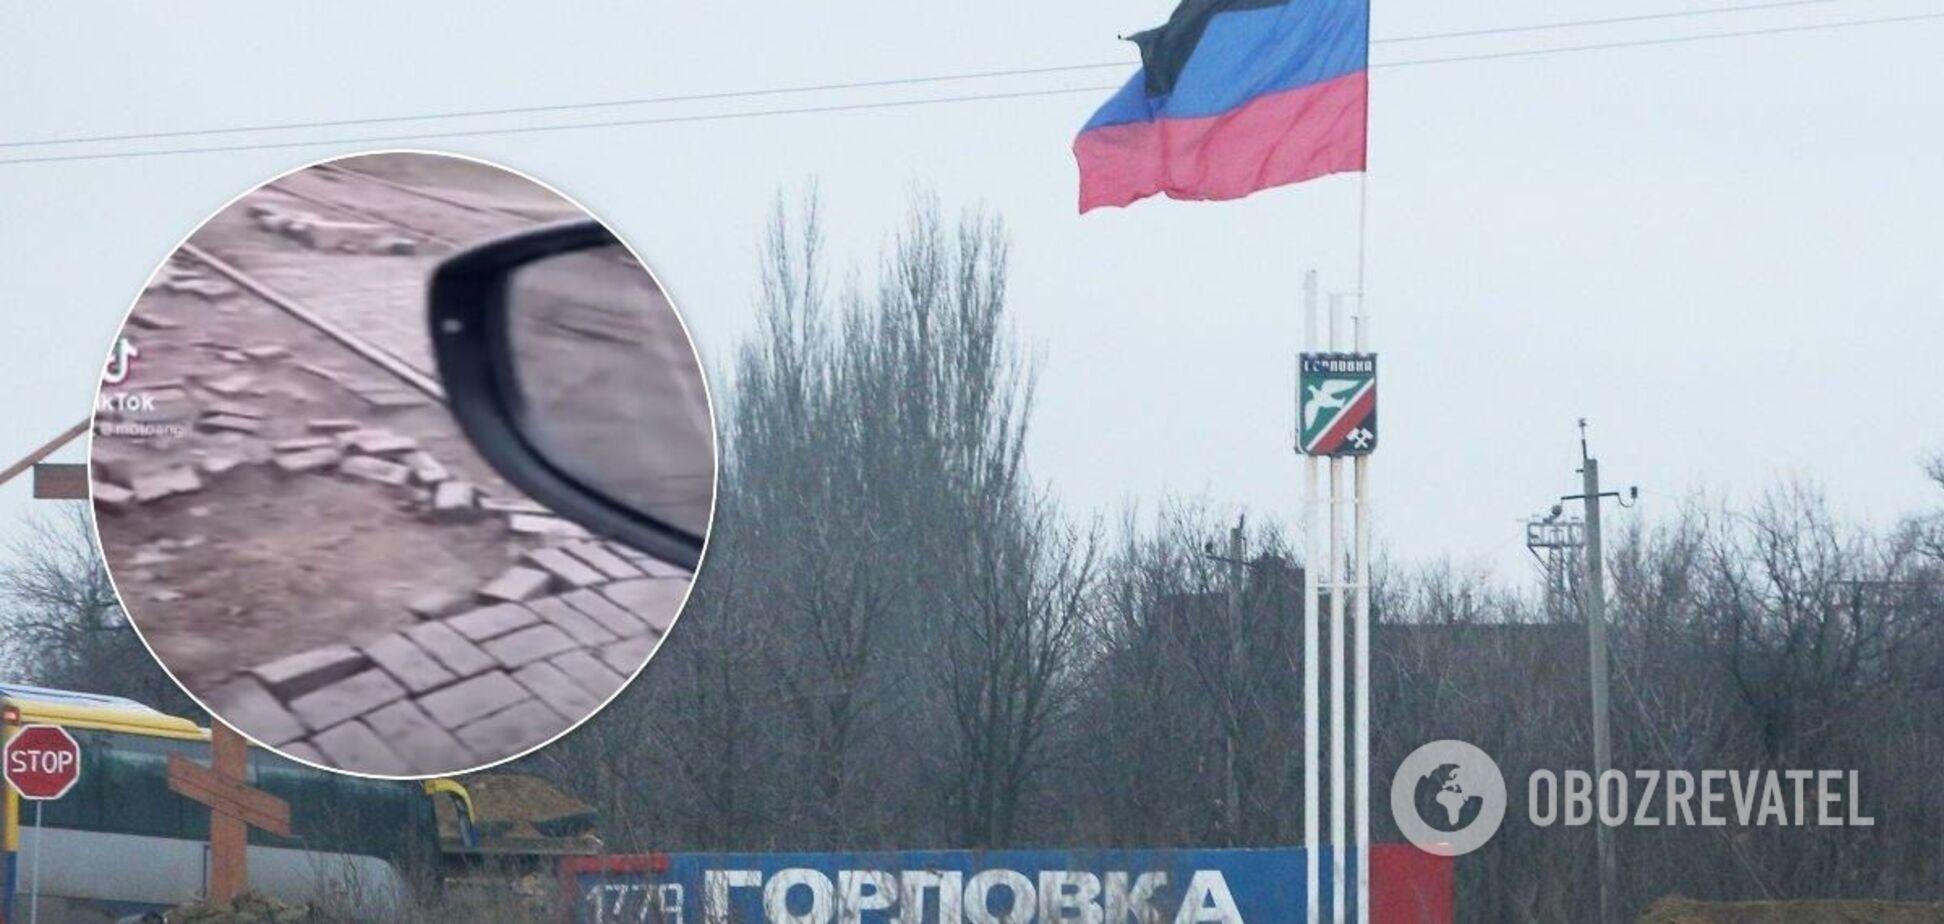 Мешканка 'ДНР' показала 'непроглядне пекло' в Горлівці. Відео 18+